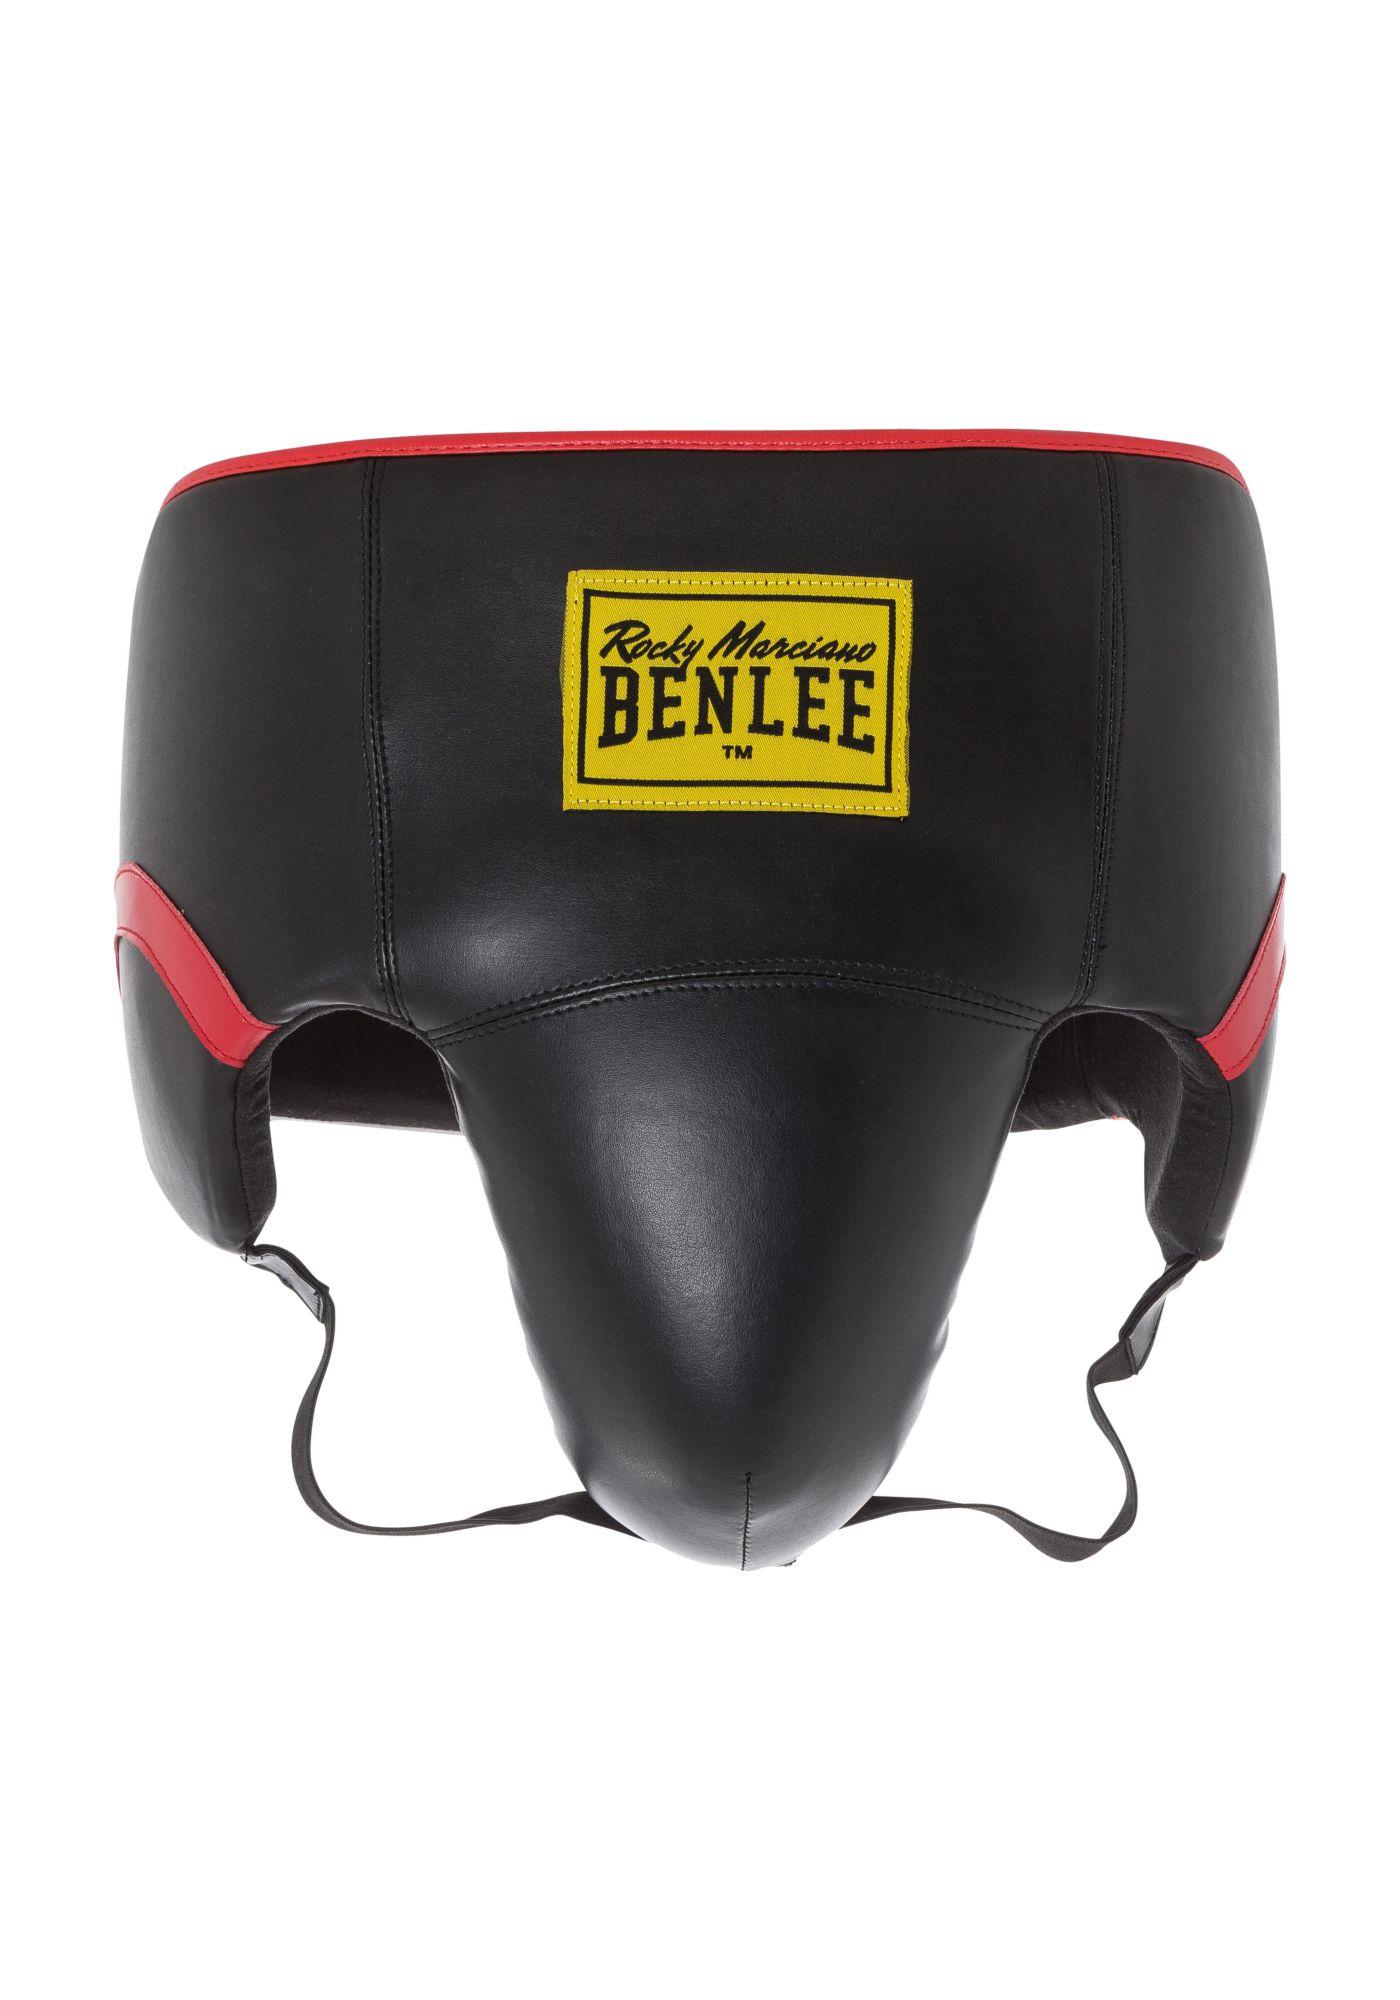 BENLEE ROCKY MARCIANO Benlee Rocky Marciano Accessoires »BARLETTA«